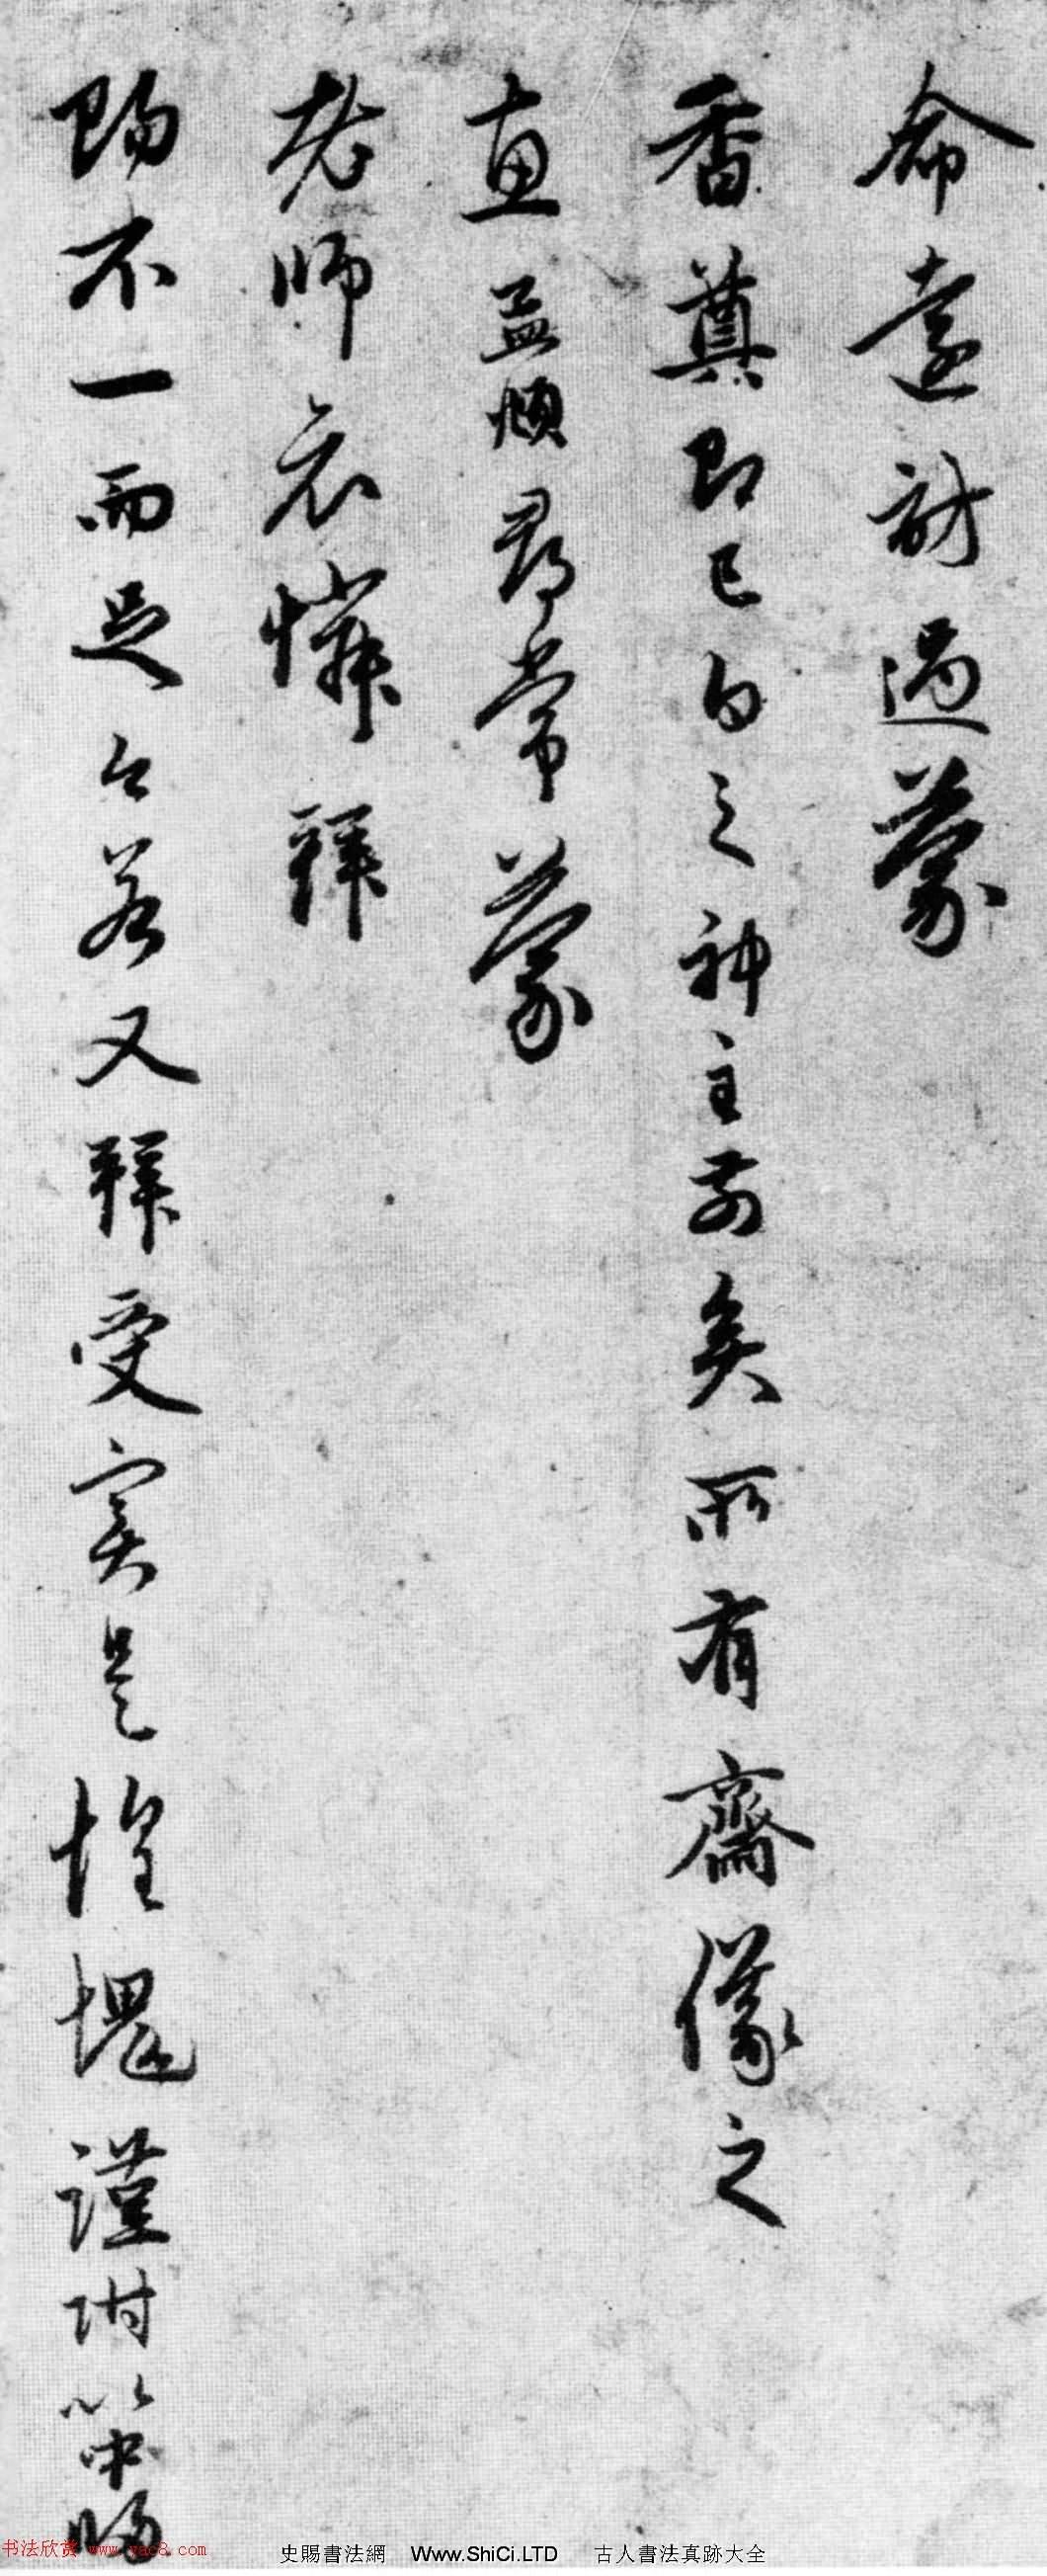 趙孟俯晚年行書《先妻帖》(美國藏)